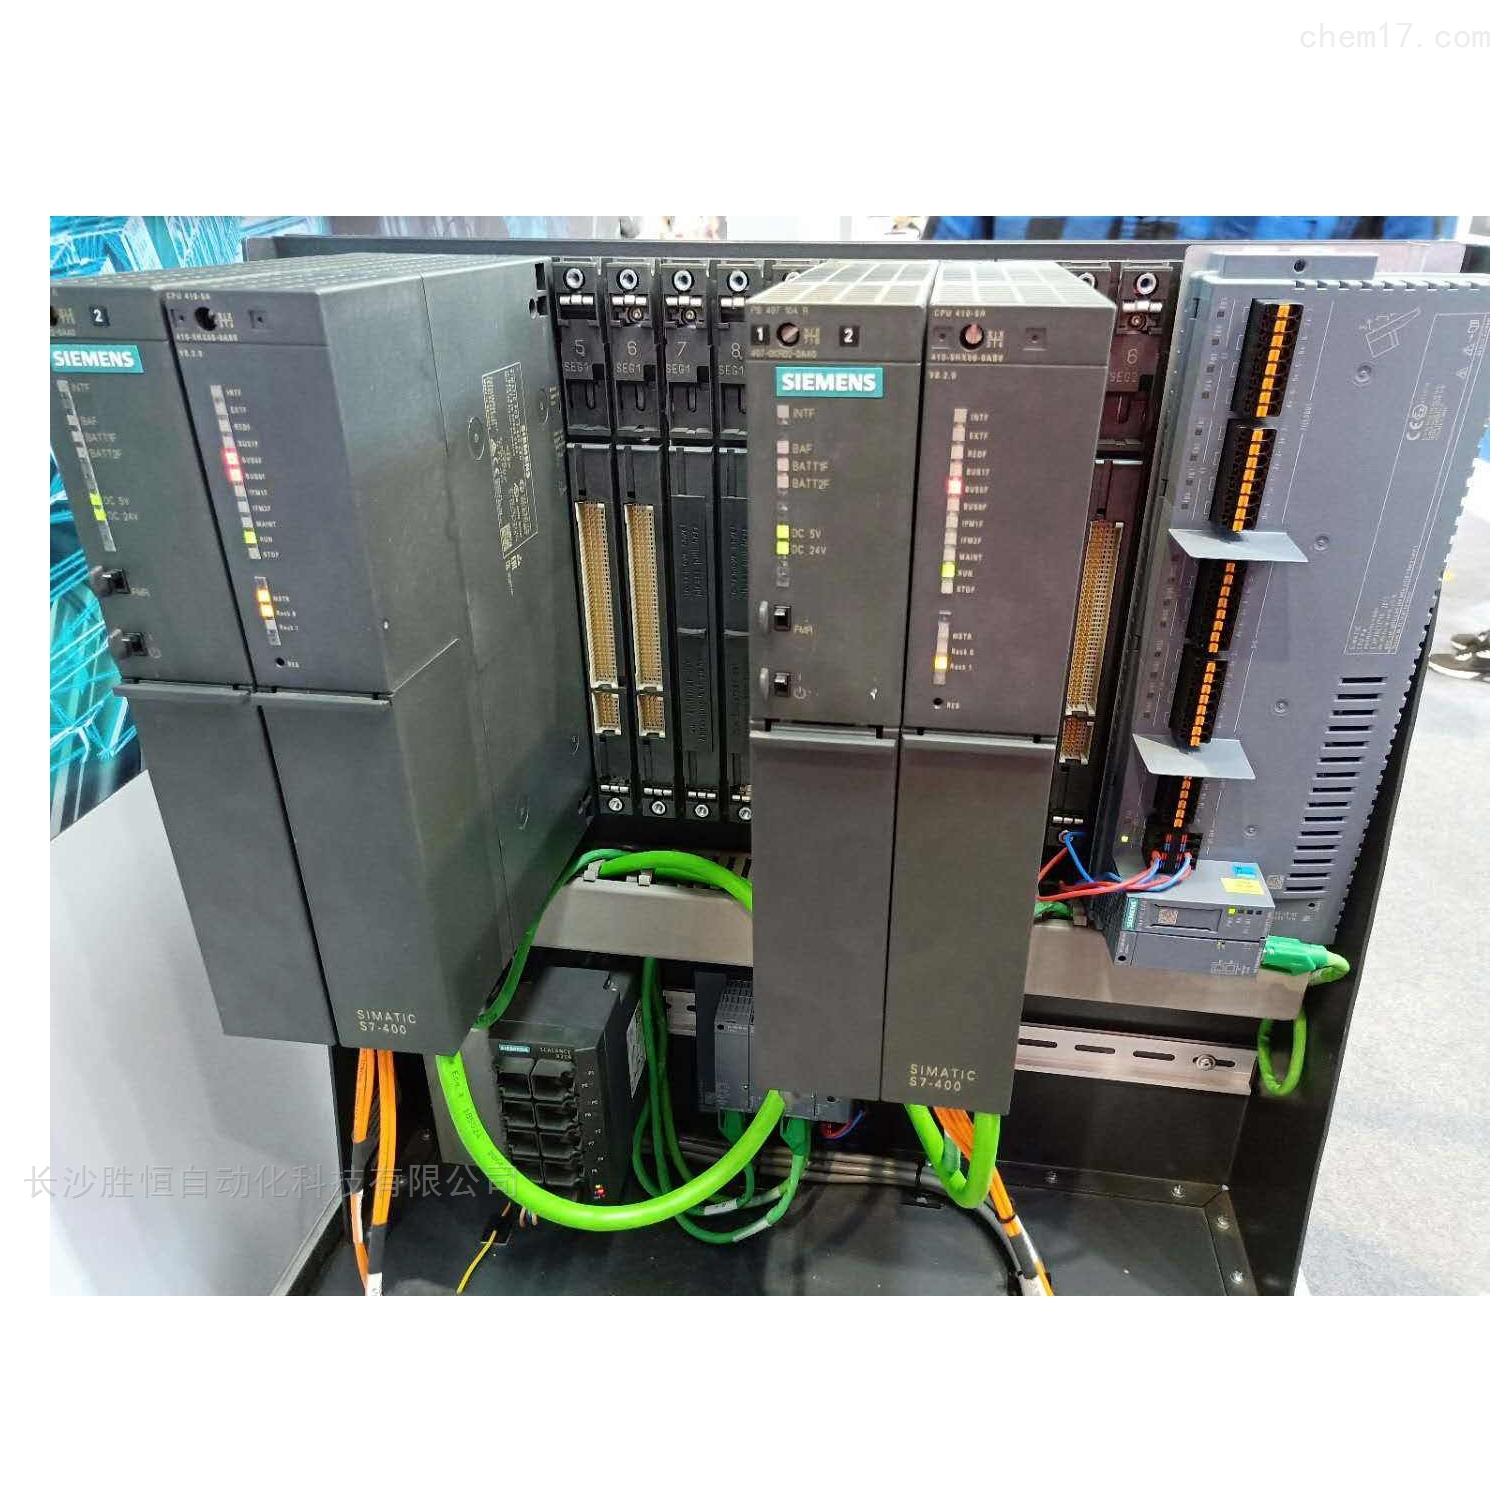 西门子S71500连接模块6ES7194-4AP00-0AA0